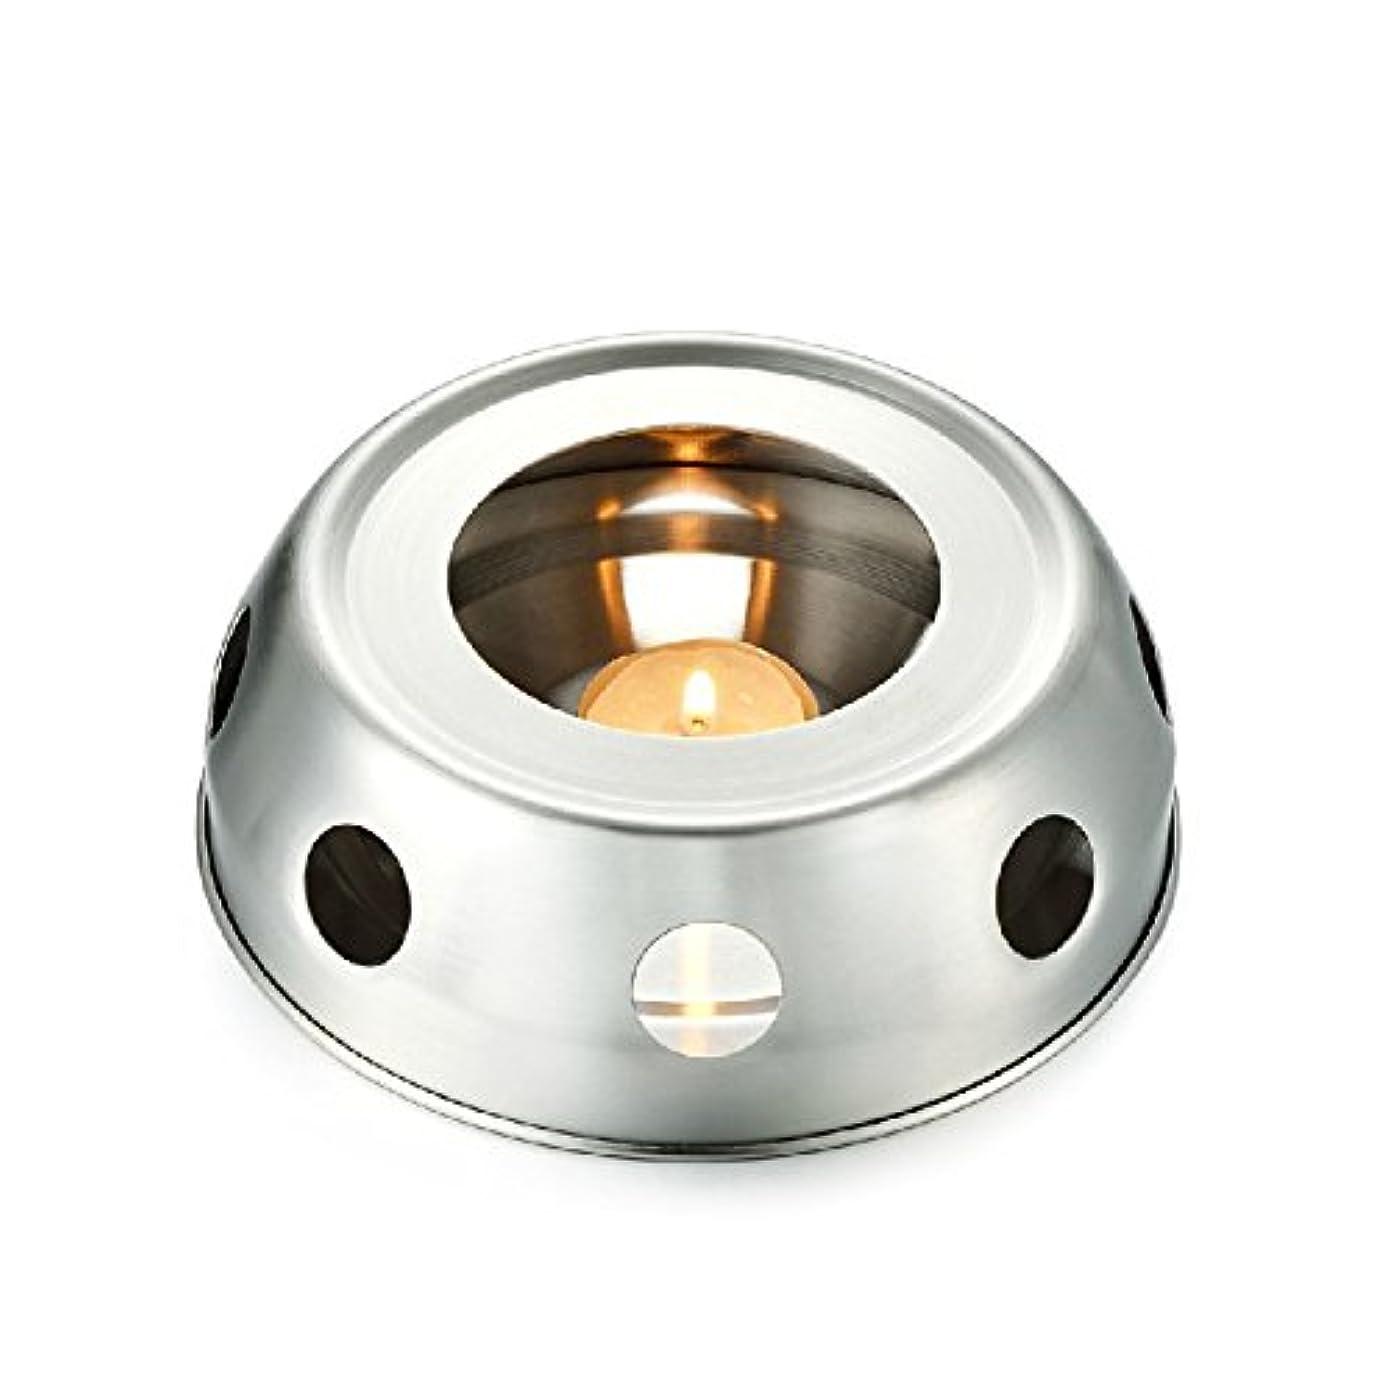 暴力永久ホストfunnytoday365 Teaヒーター暖房のティーポットincenseplate Essencial OilステンレススチールFurnace Candleヒーターストーブ